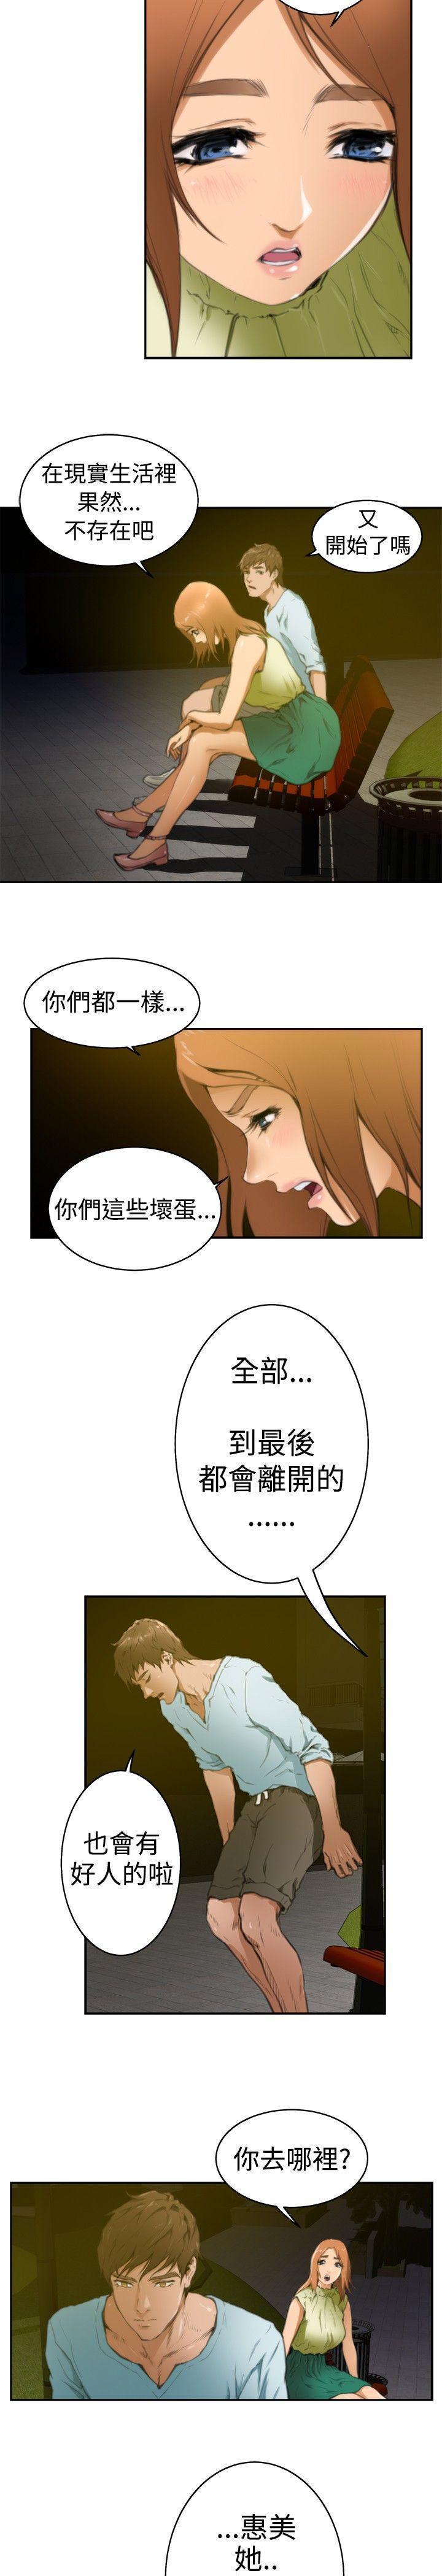 韩漫漫画H-Mate在线观看